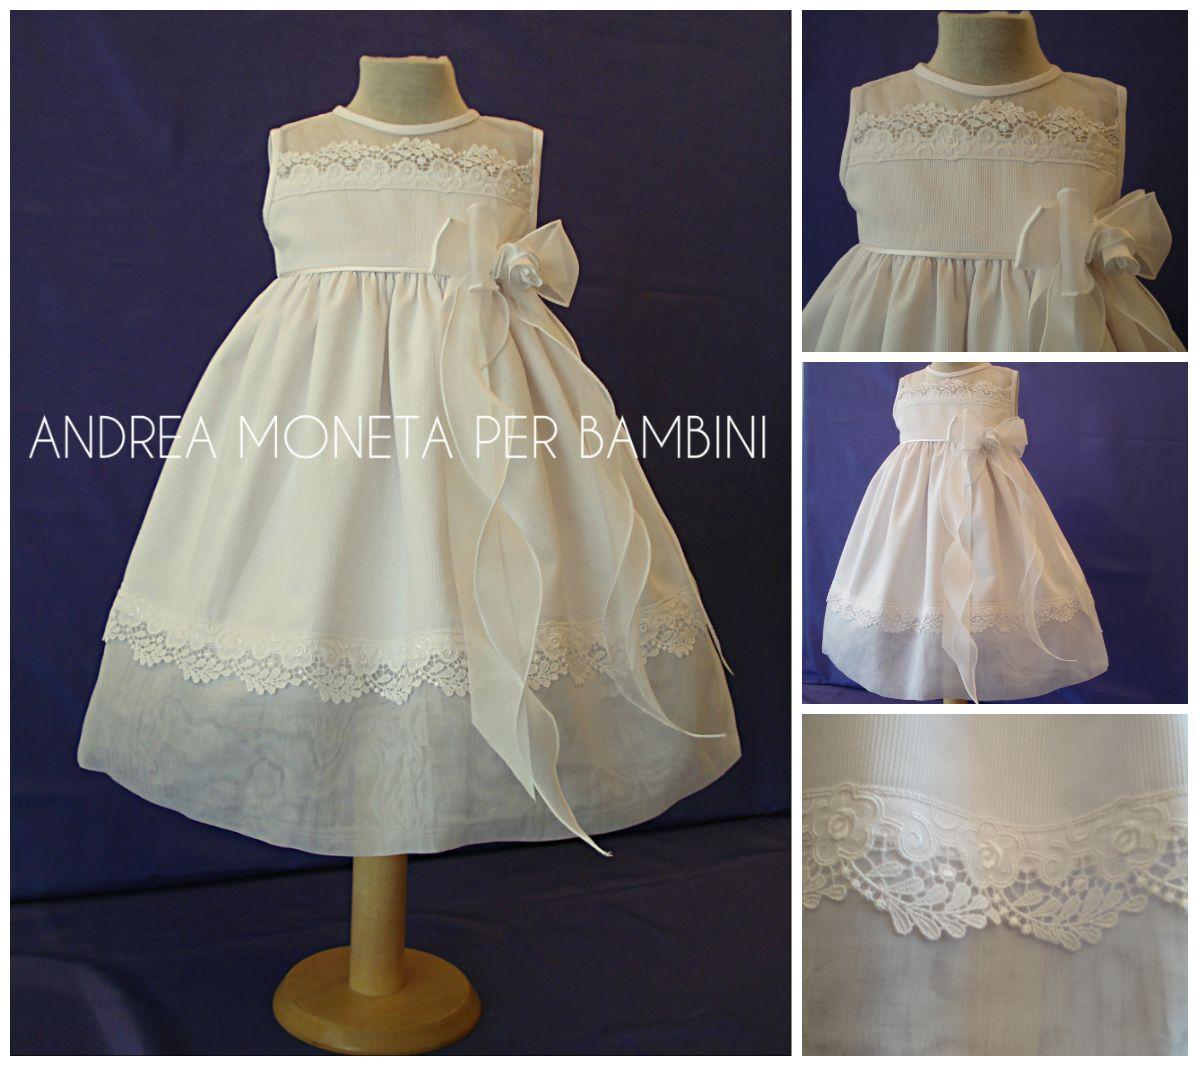 Vestido Blanco de Pique y Organza para Fiesta o Bautizo Bebé y Niña    Baby  Dress for Baptism or Party www.andreamoneta.wix.com perbambini Venezuela ... 44e80fb35c7